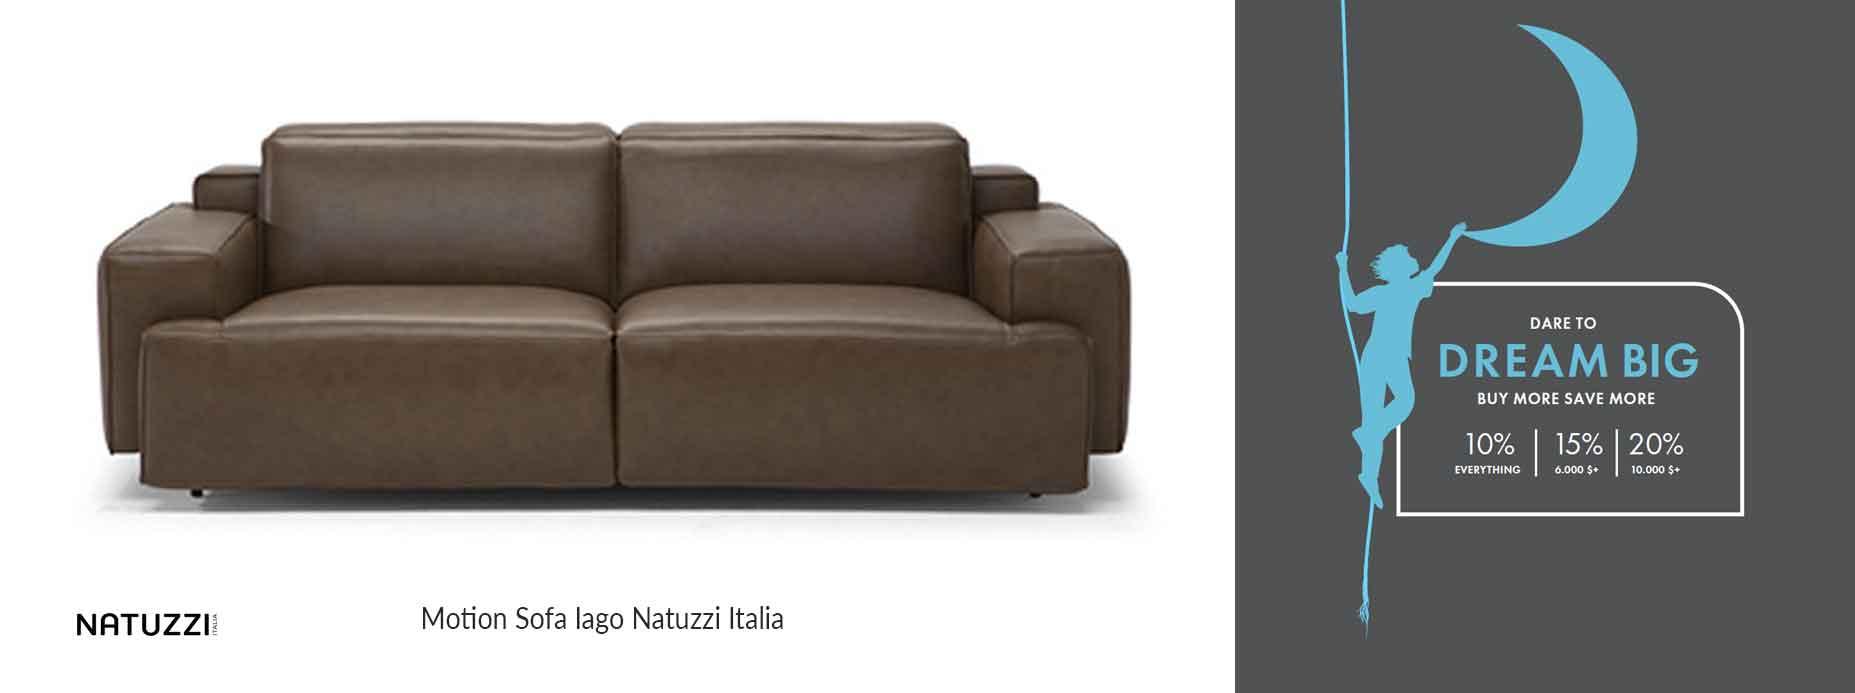 Natuzzi Italia Buy More Save More